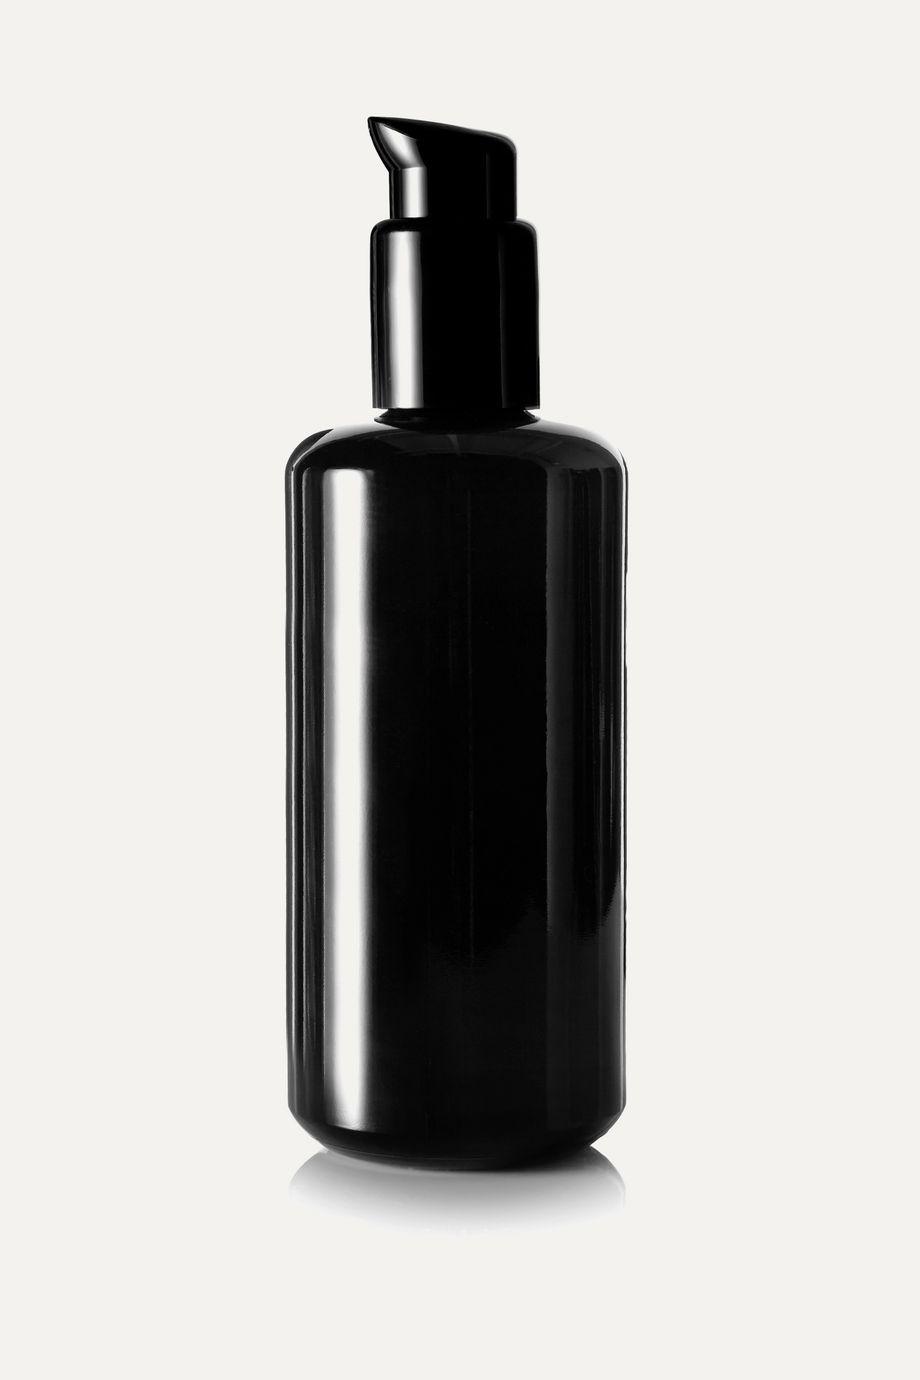 Argentum Apothecary La Lotion Infinie Body Cream, 200ml